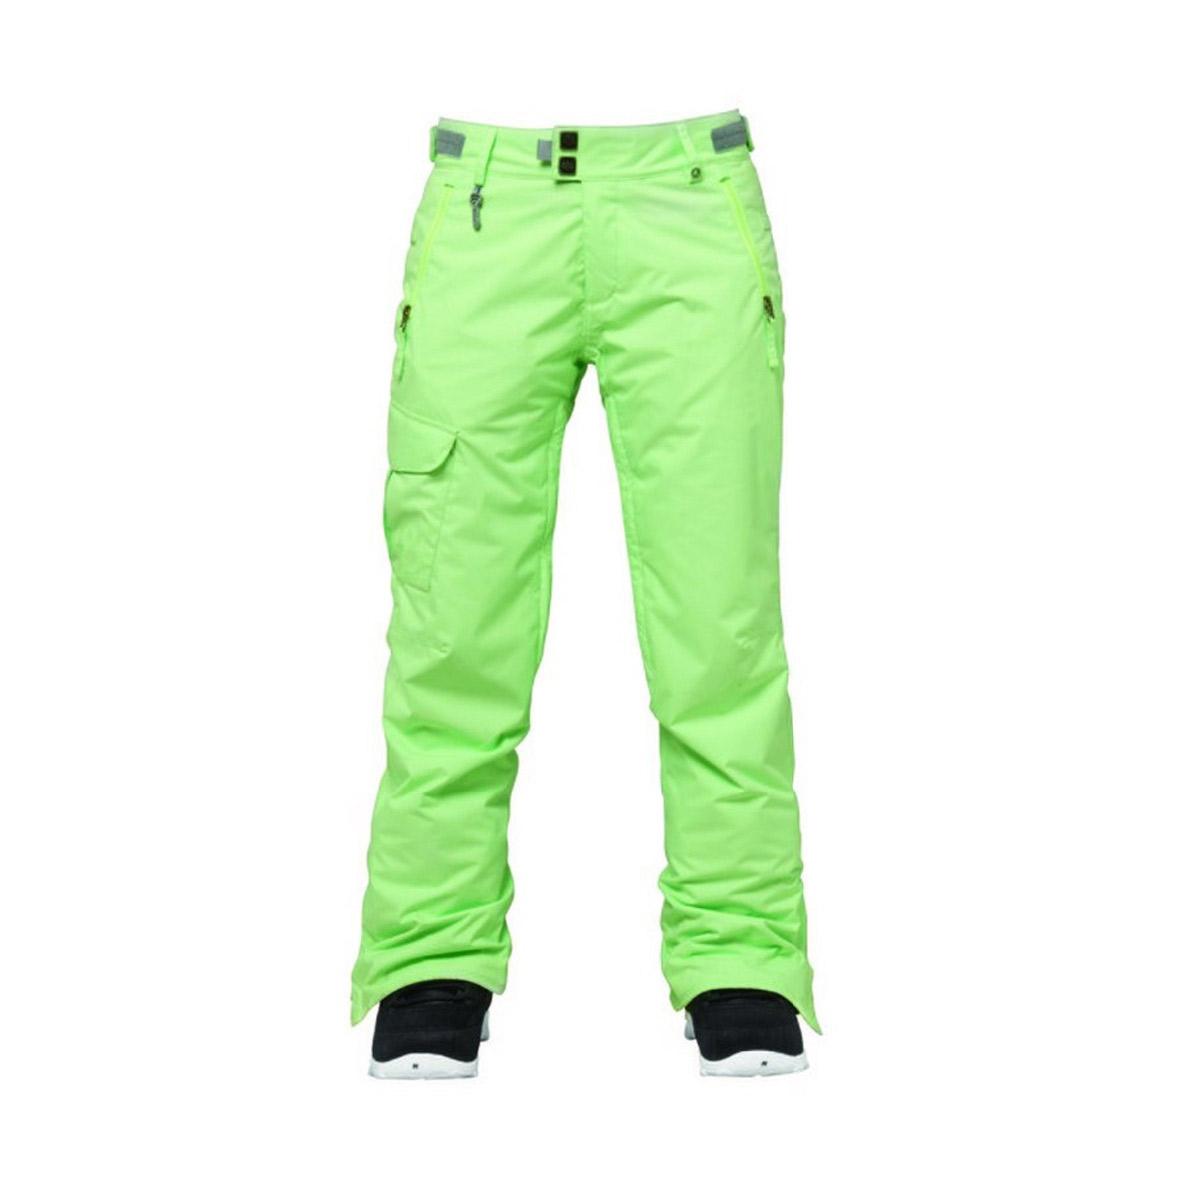 Штаны сноубордические 686 Misty Chartreuse 2016